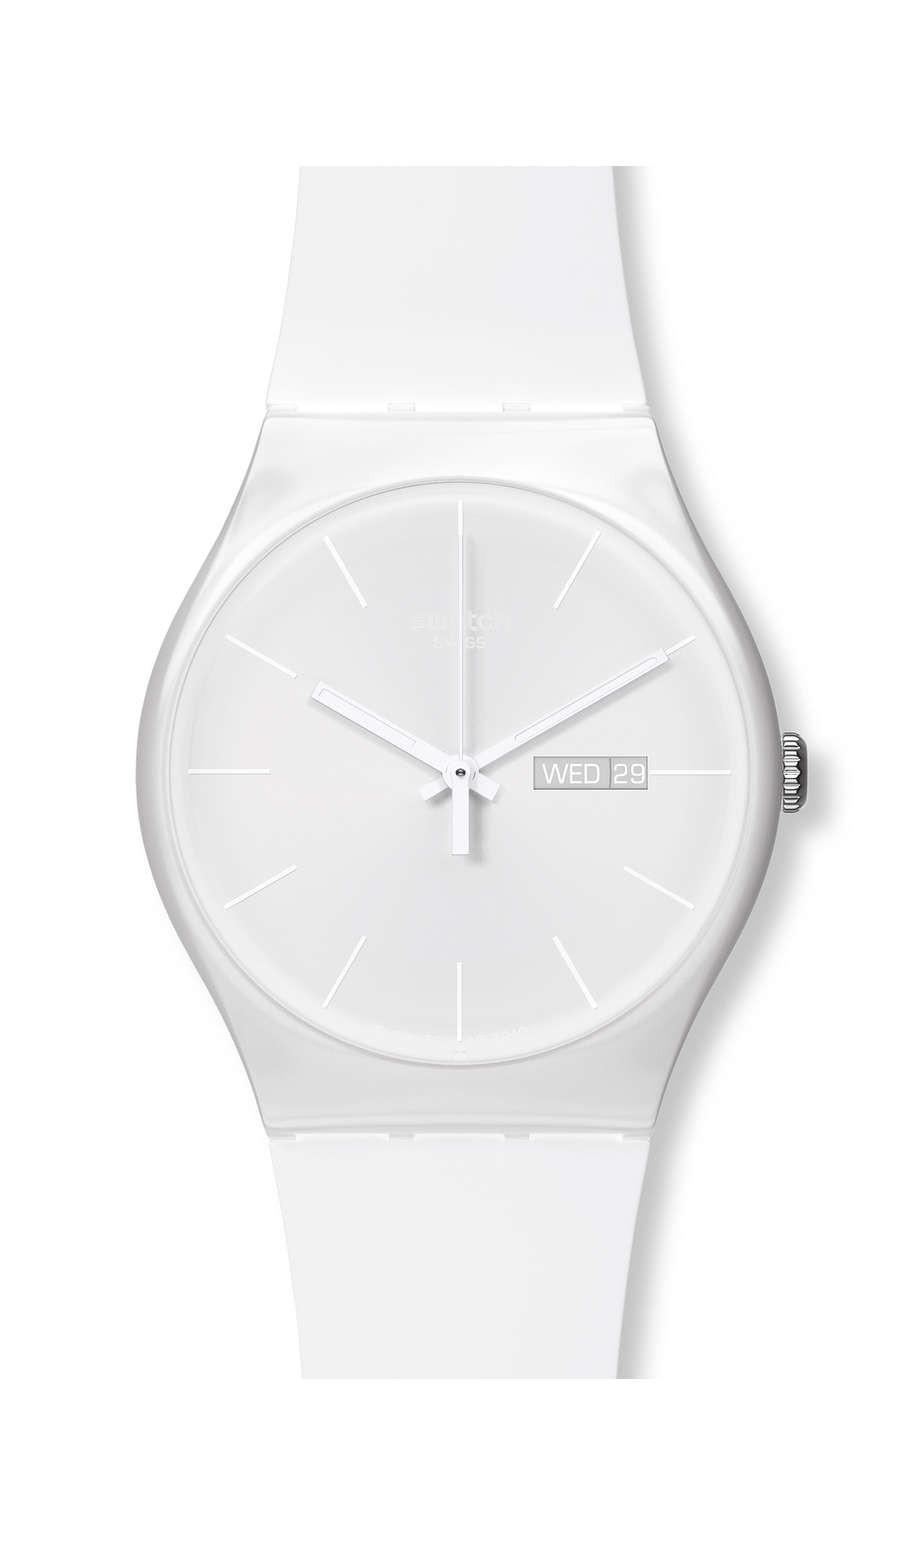 Швейцарские часы.